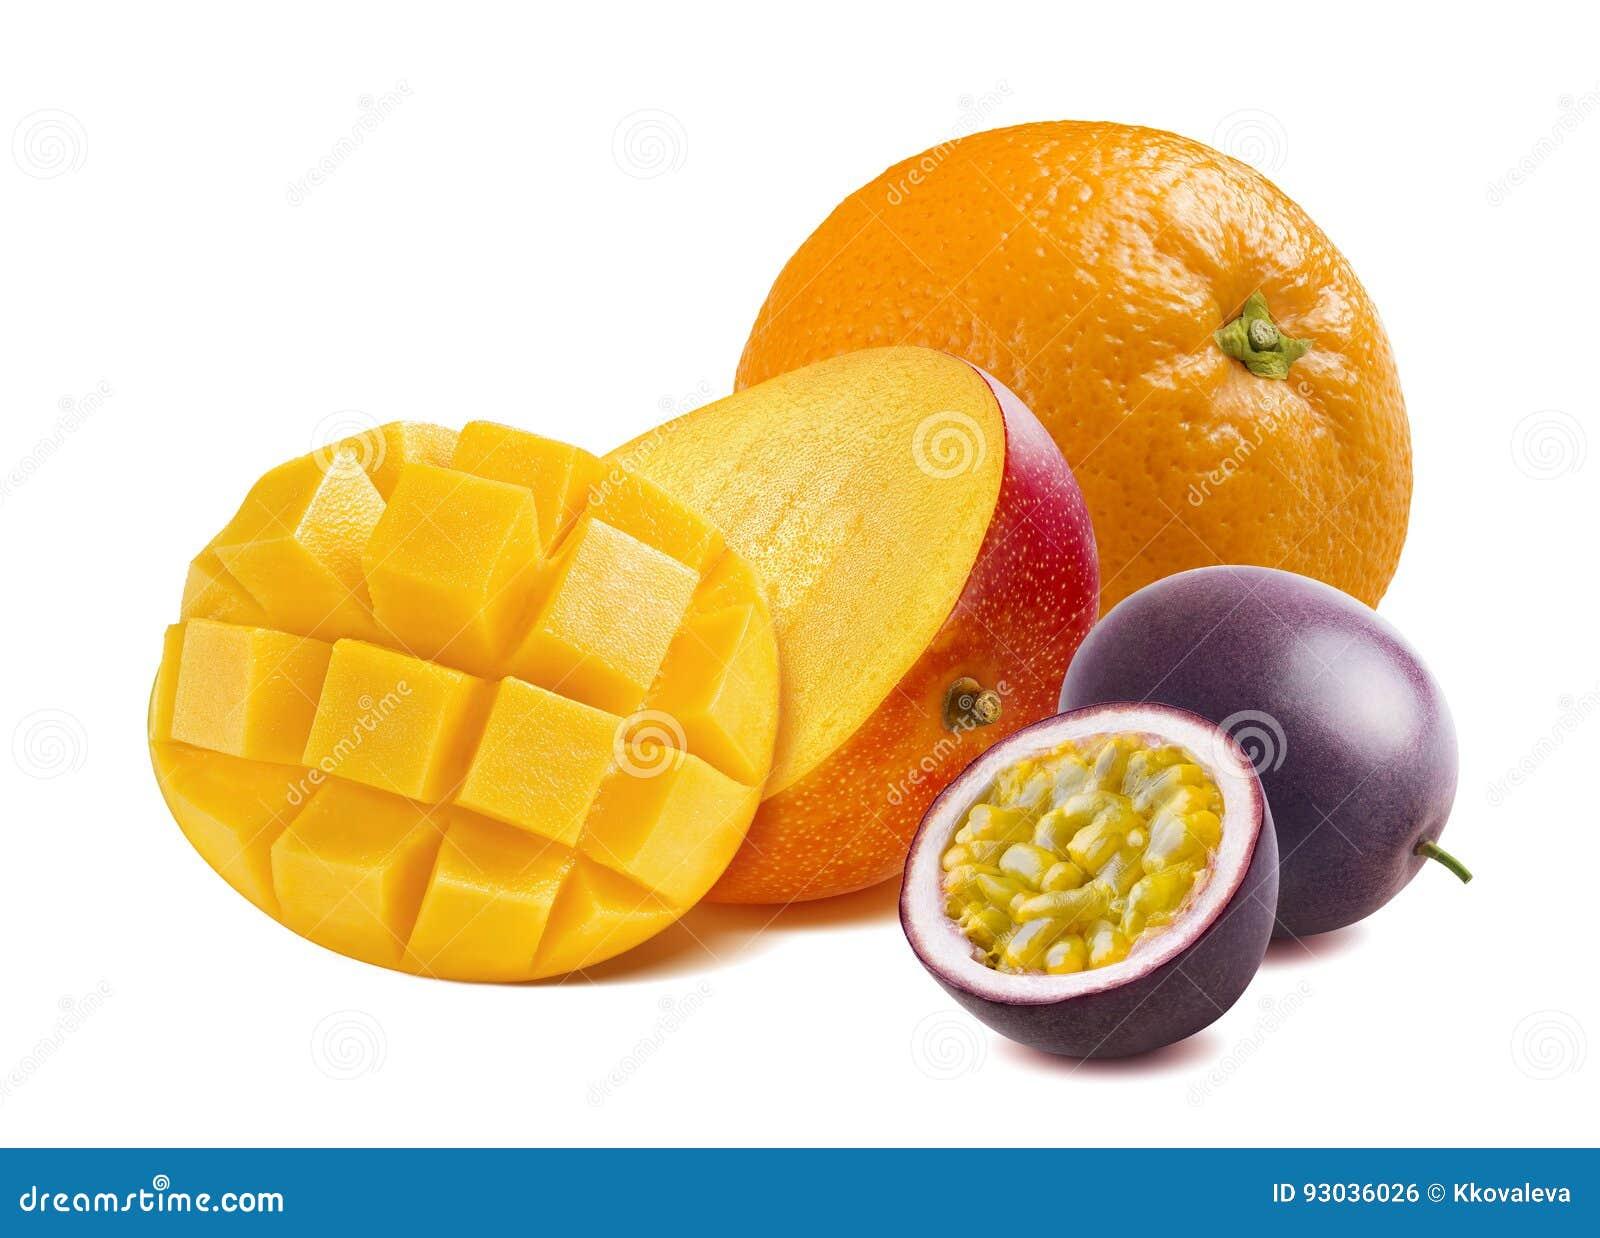 Half Cut Mango Orange And Passion Fruit Isolated Stock Photo